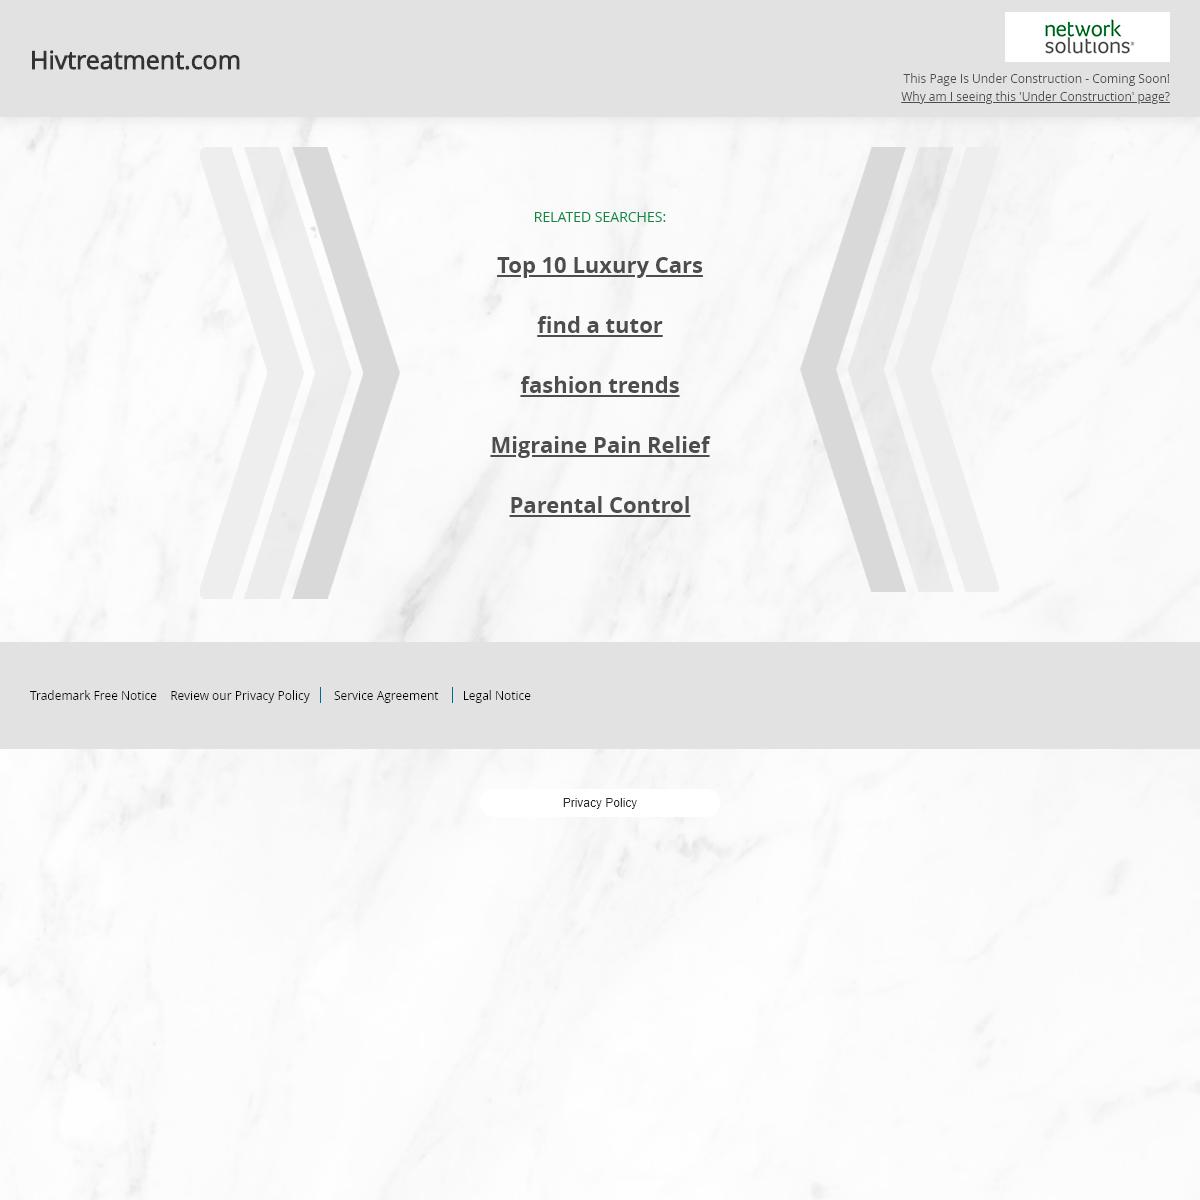 Hivtreatment.com